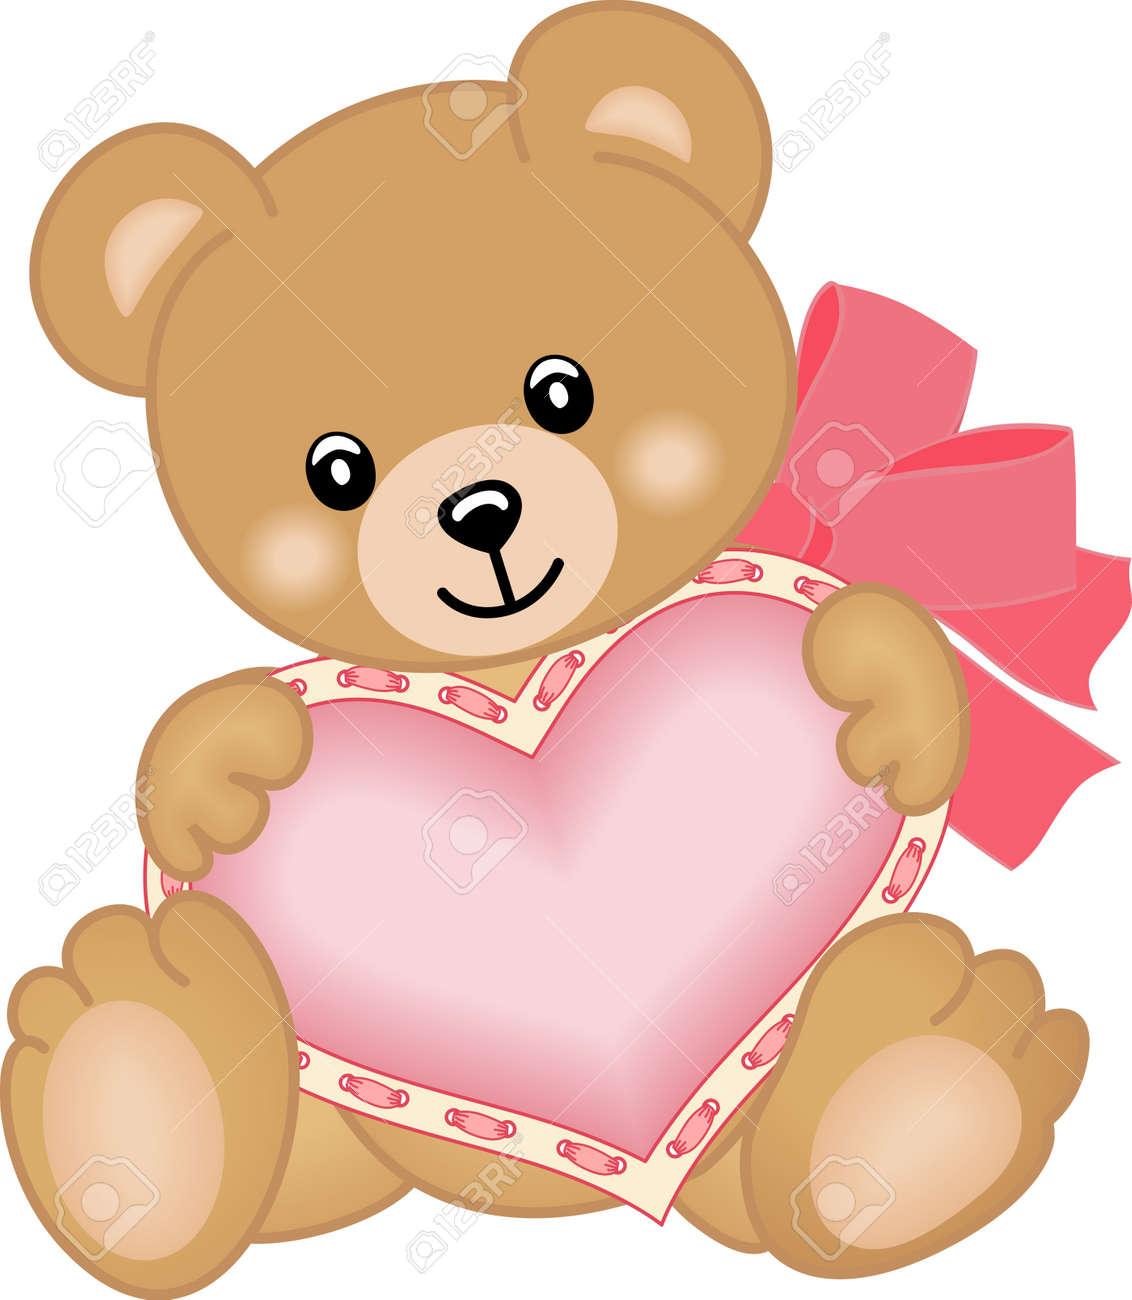 Cute teddy bear with heart Stock Vector - 15572687